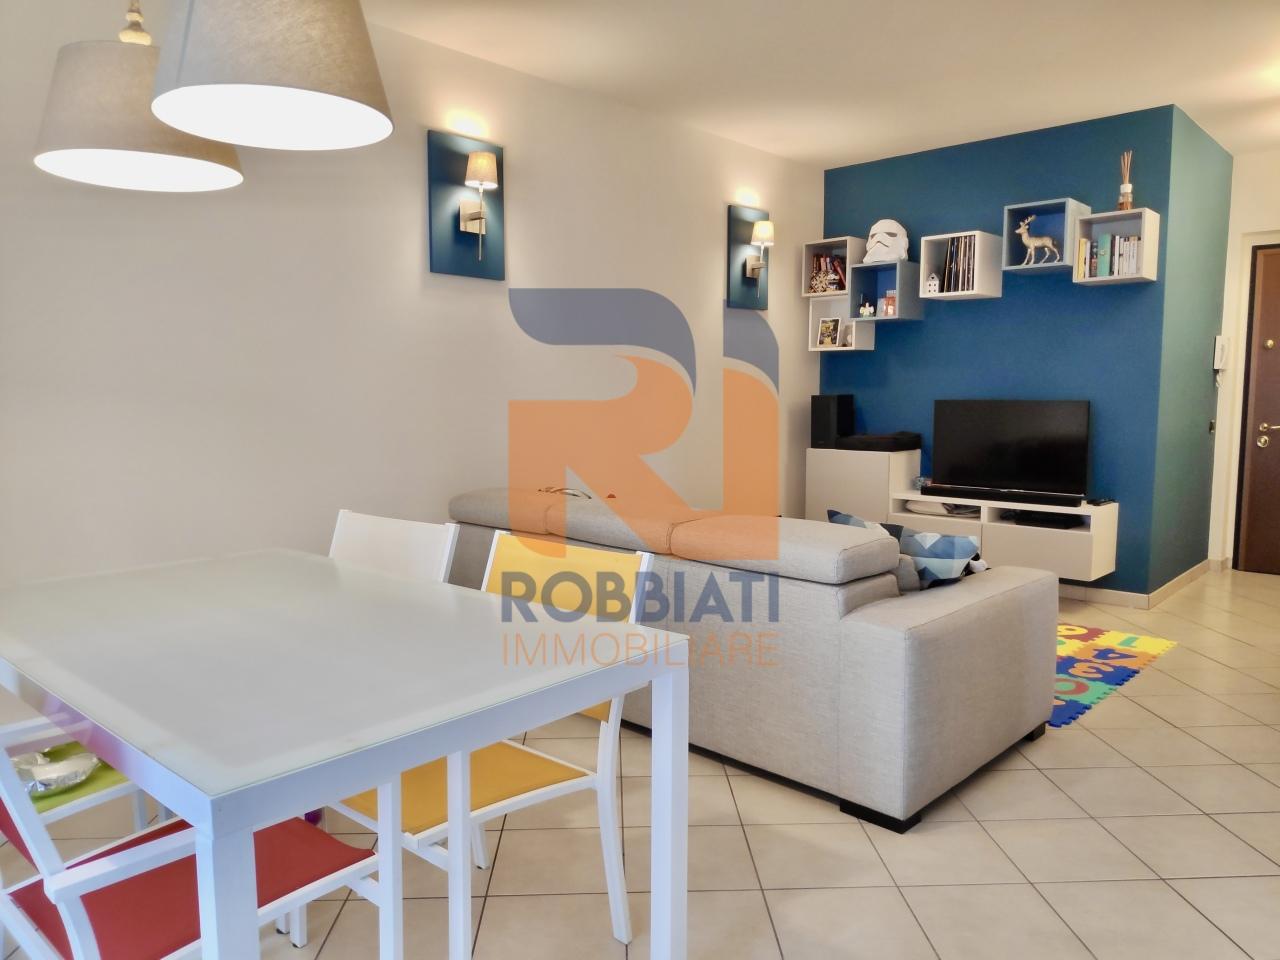 Appartamento in vendita a San Martino Siccomario, 3 locali, prezzo € 159.000 | PortaleAgenzieImmobiliari.it